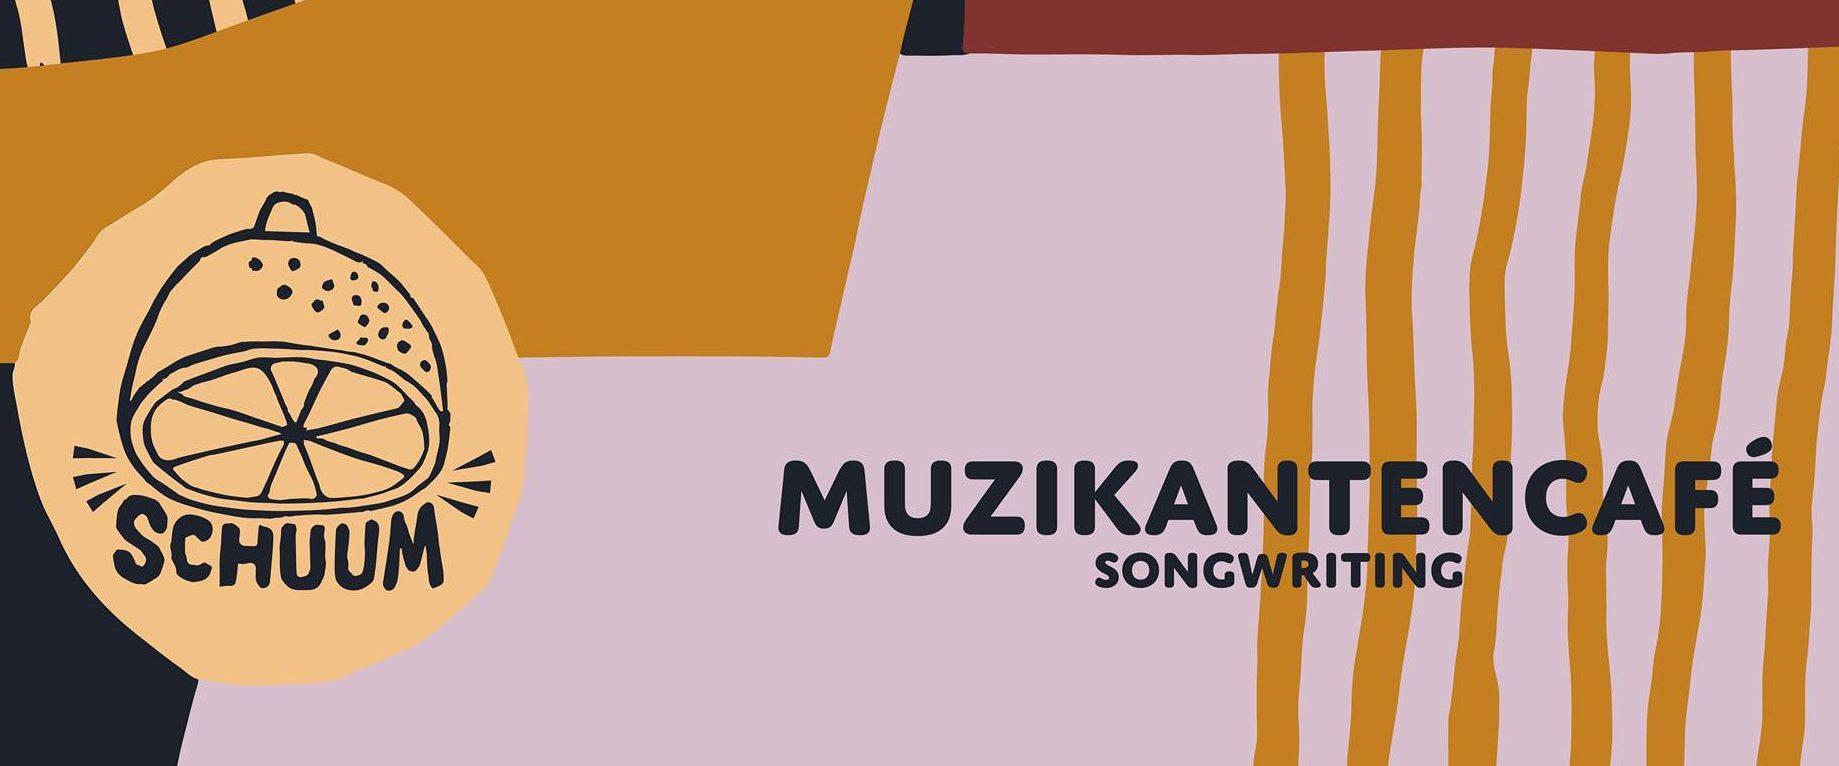 Muzikantencafé | Songwriting 2